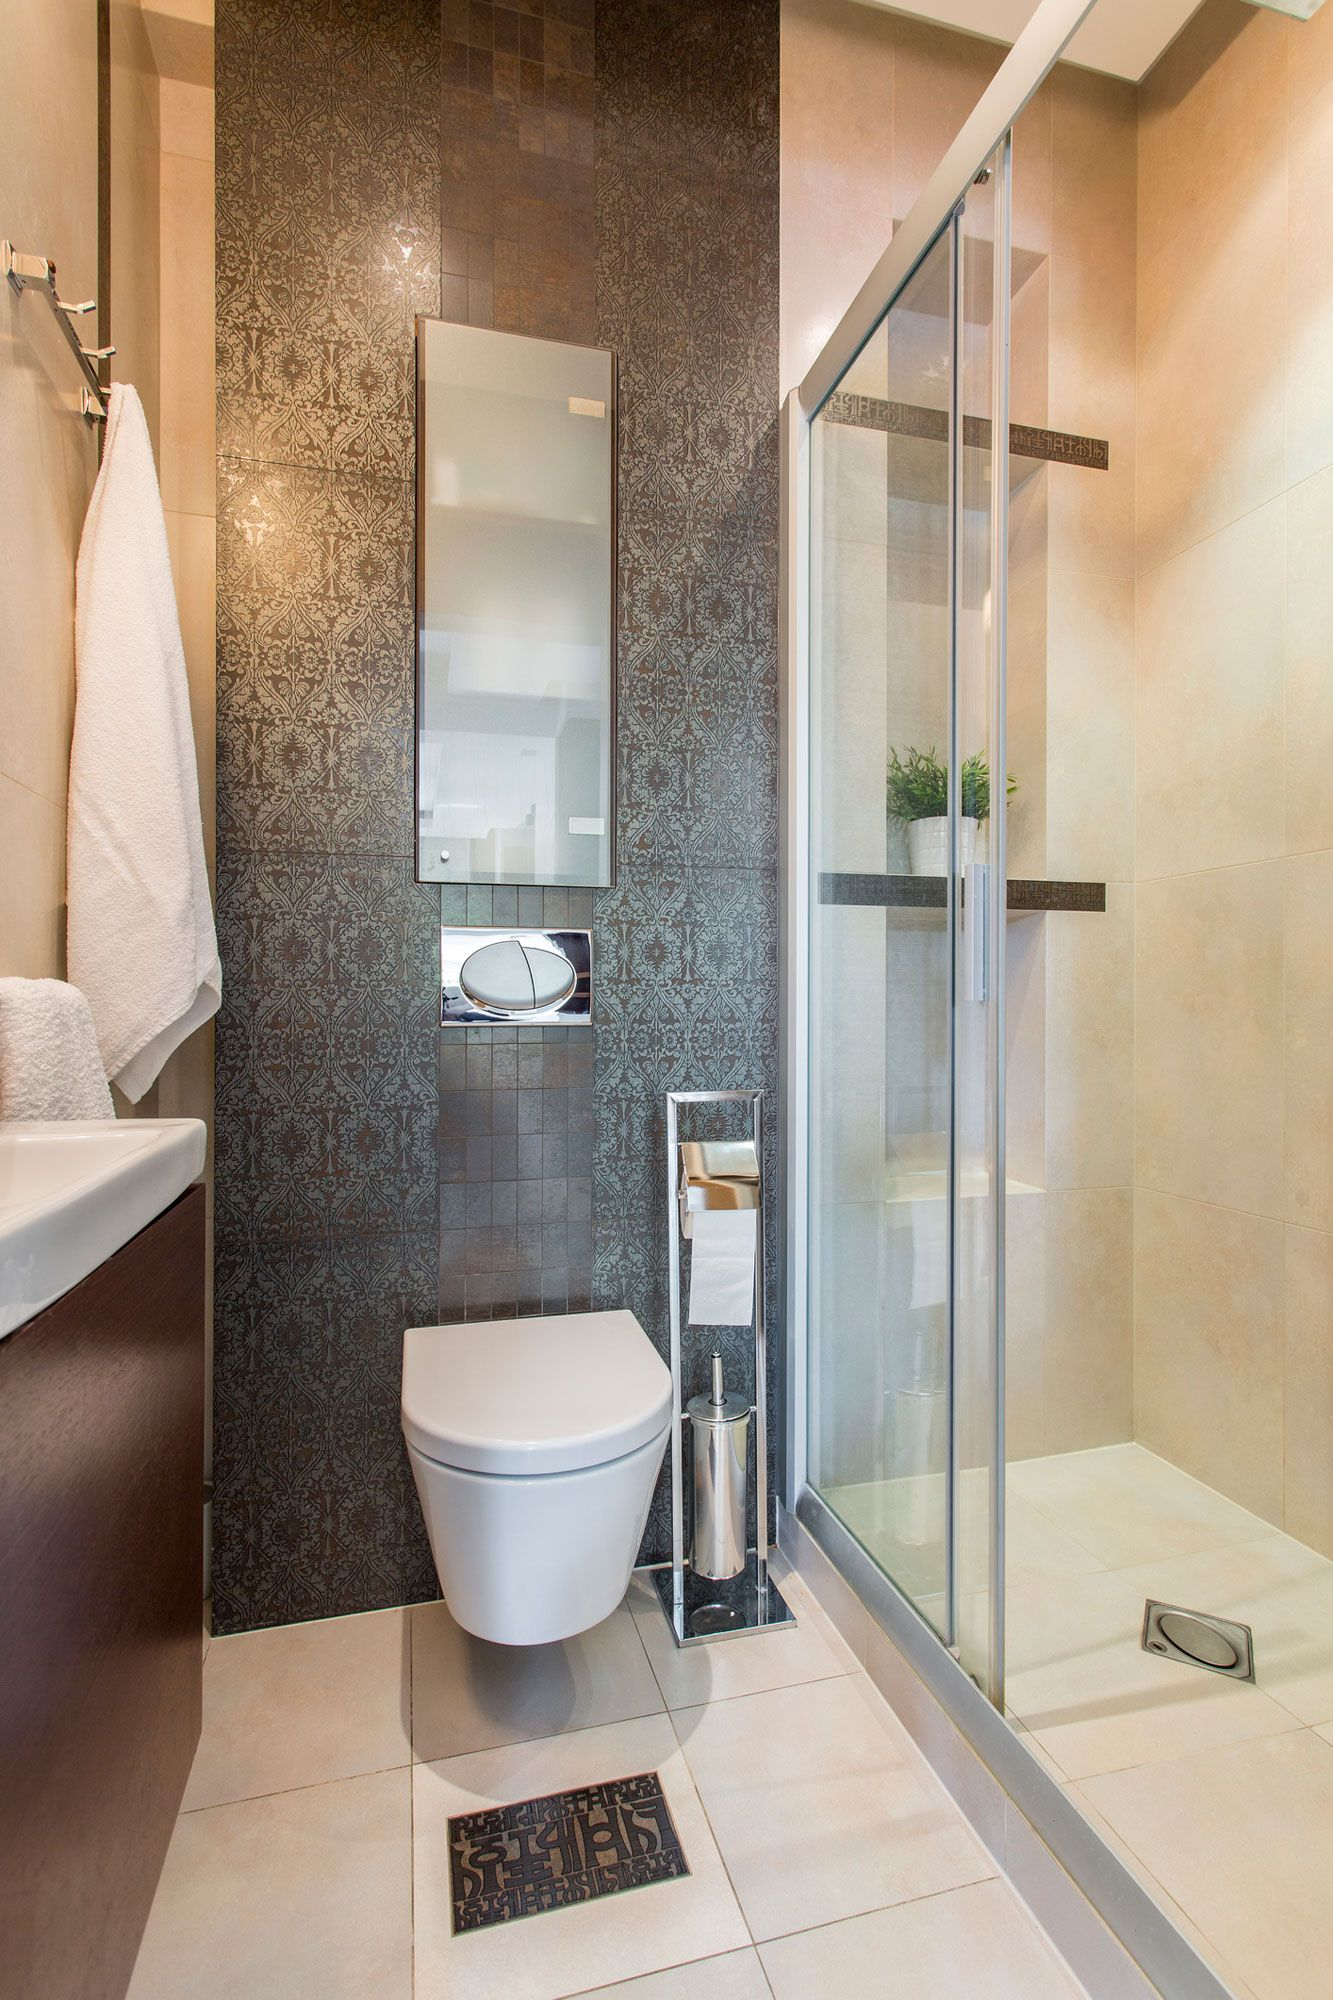 Astuces pour profiter de l'espace dans la salle de bain